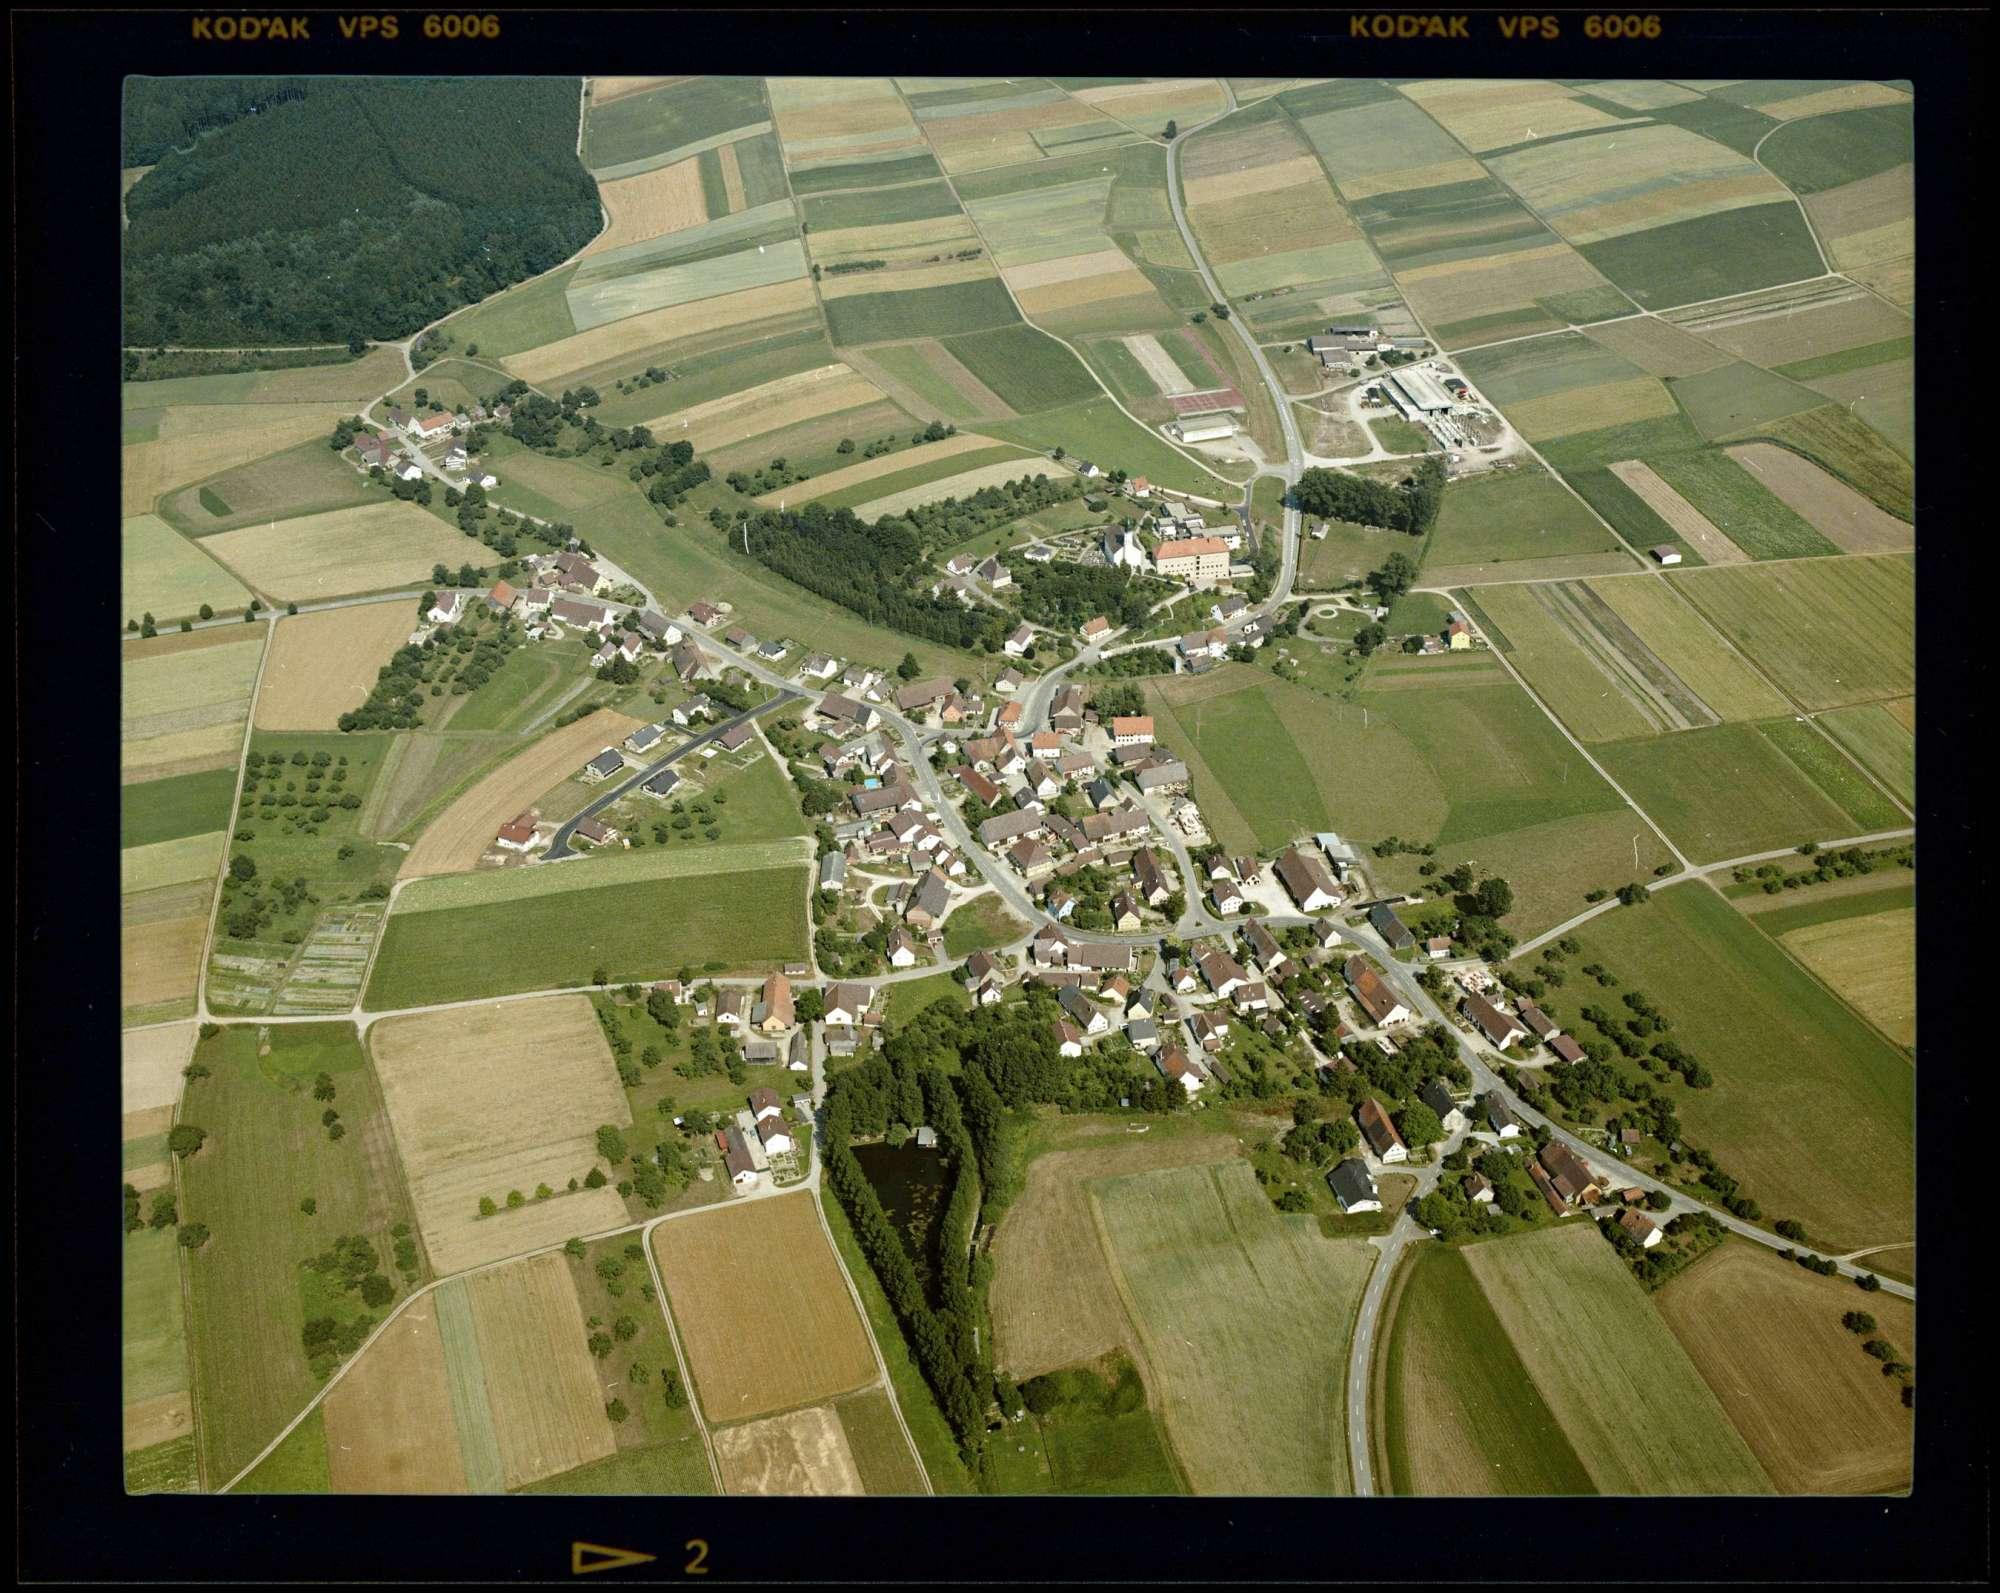 Oggelsbeuren, Luftbild, Bild 1